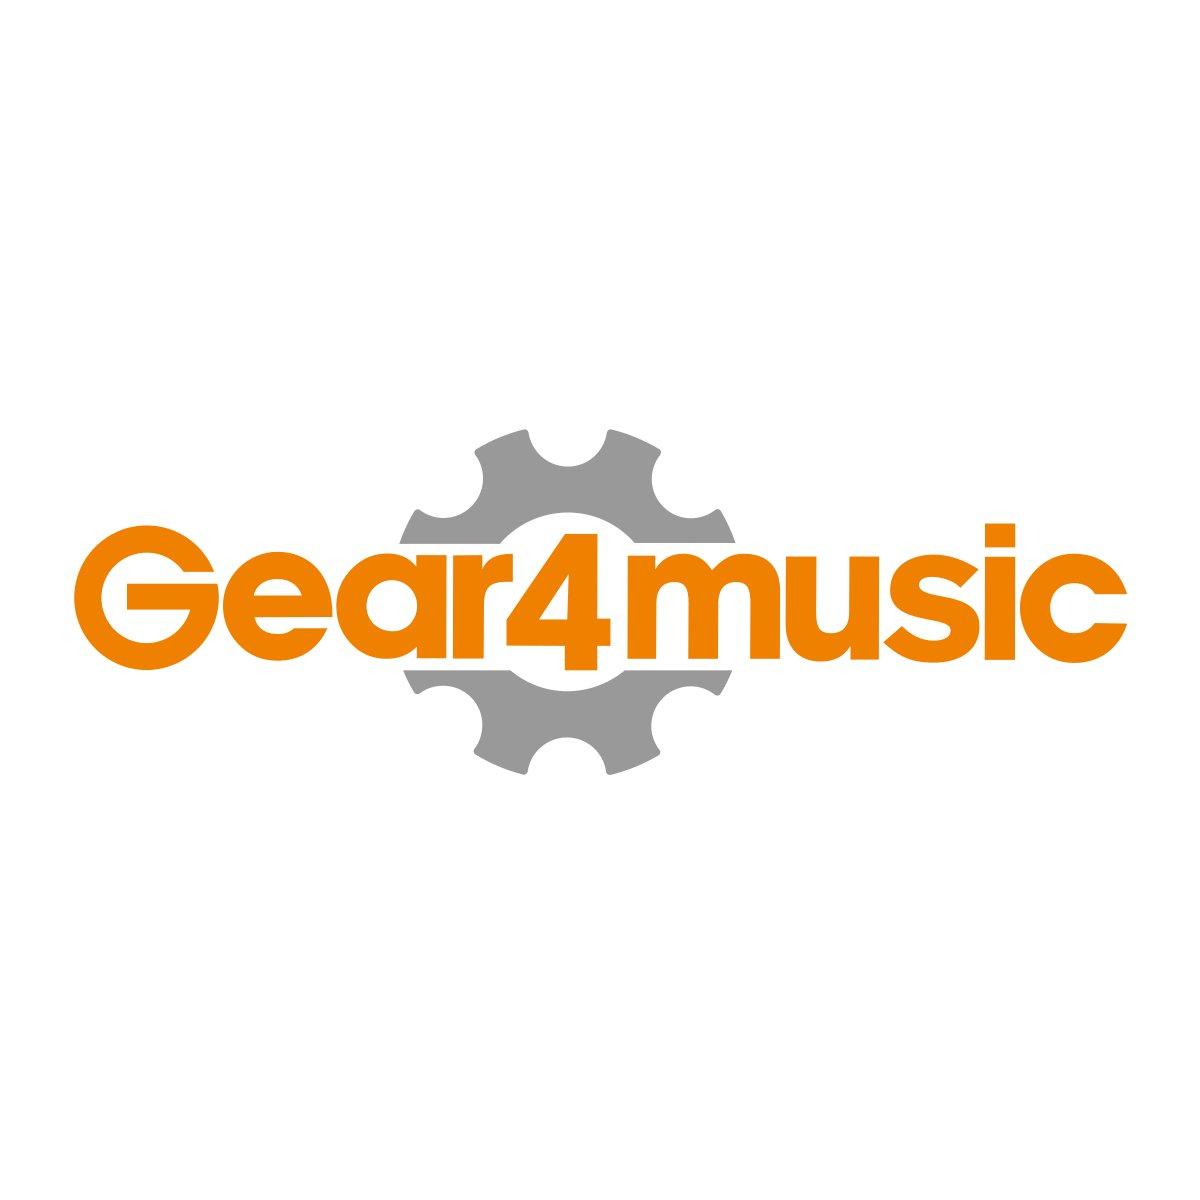 Ukulele by Gear4music, Union Jack